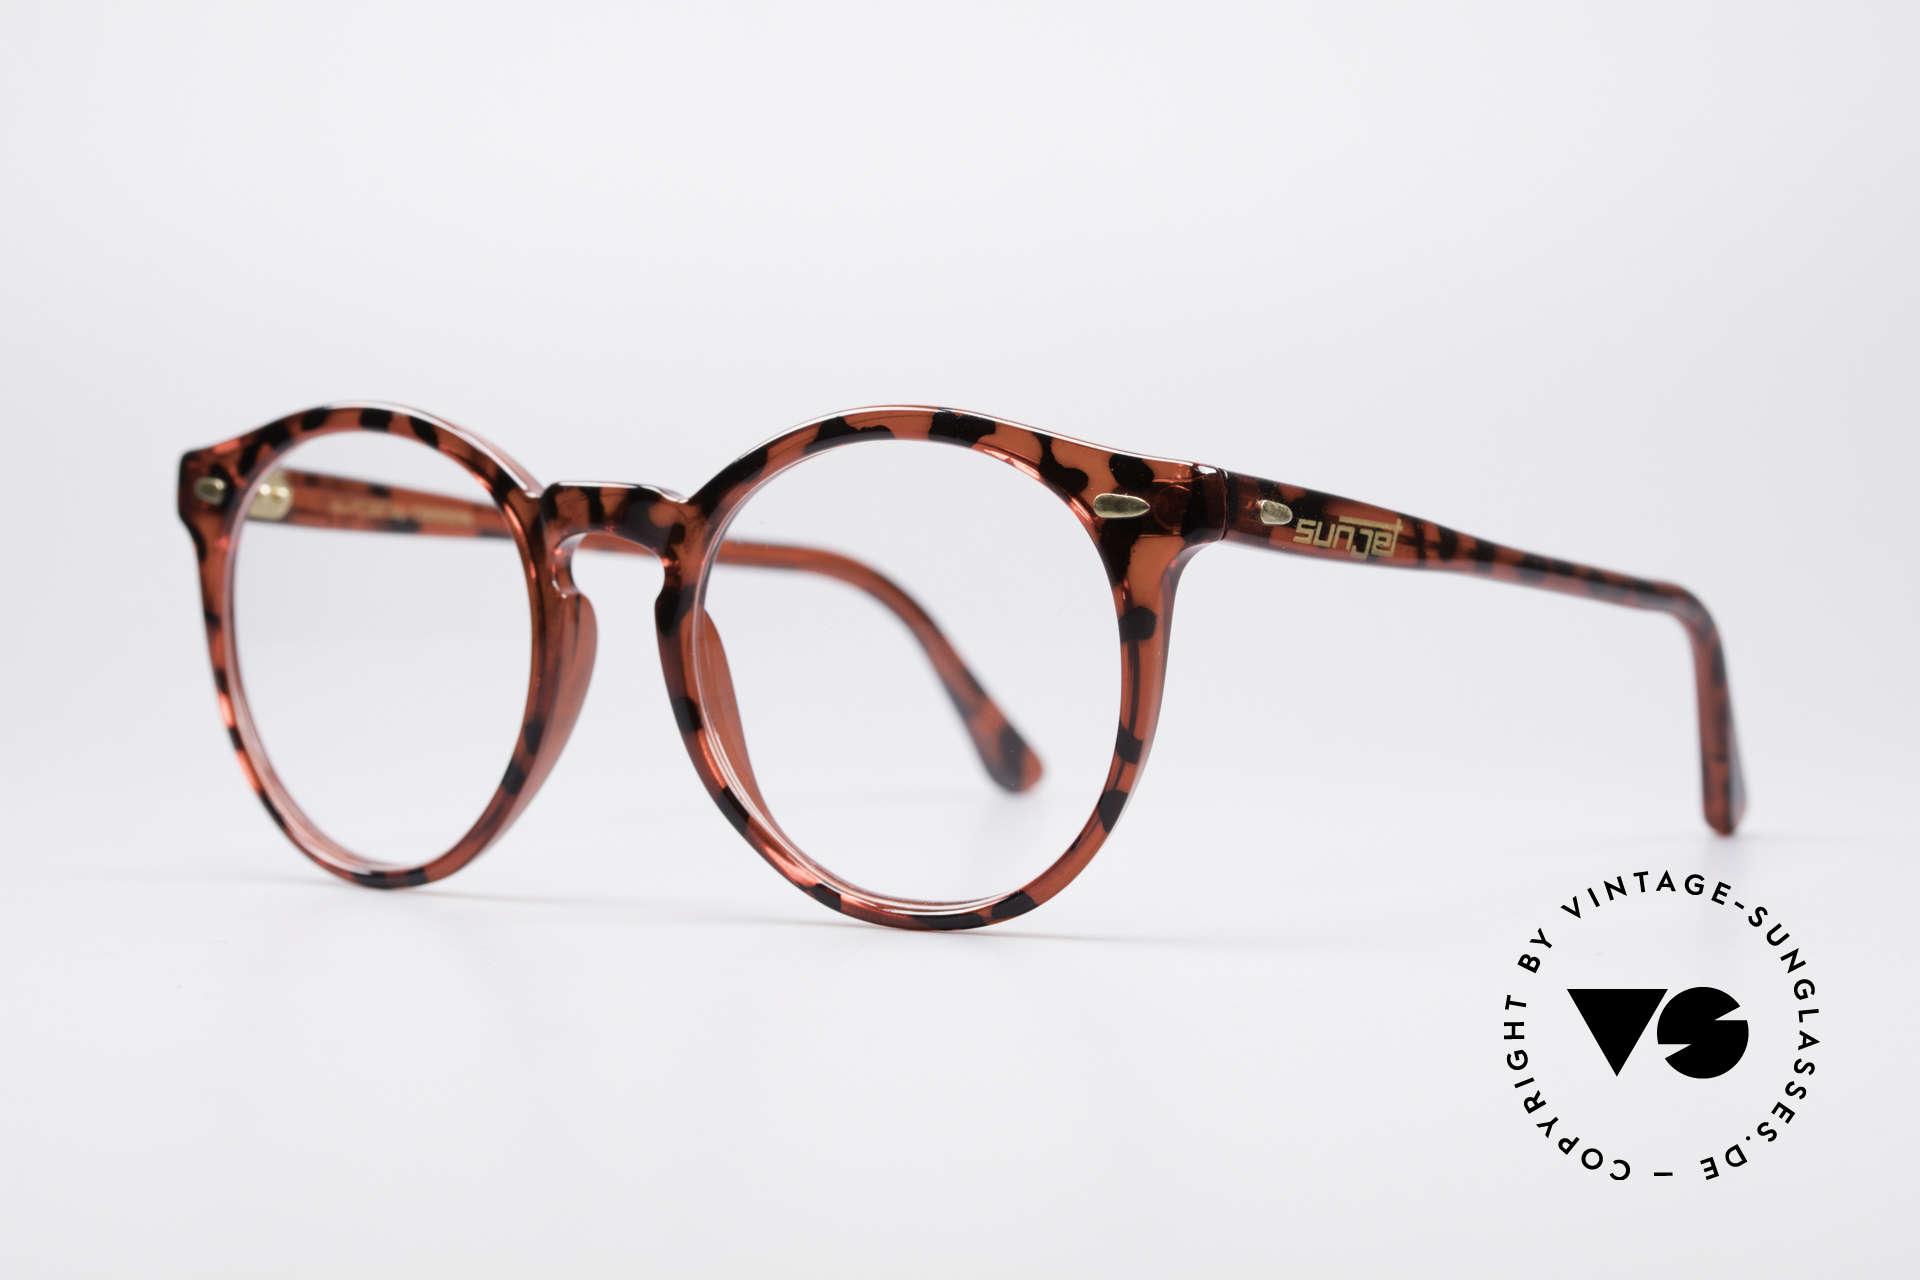 Carrera 5256 Johnny Depp Brille, im Stile der alten 'Tart Optical Arnel' aus den 1960ern, Passend für Herren und Damen